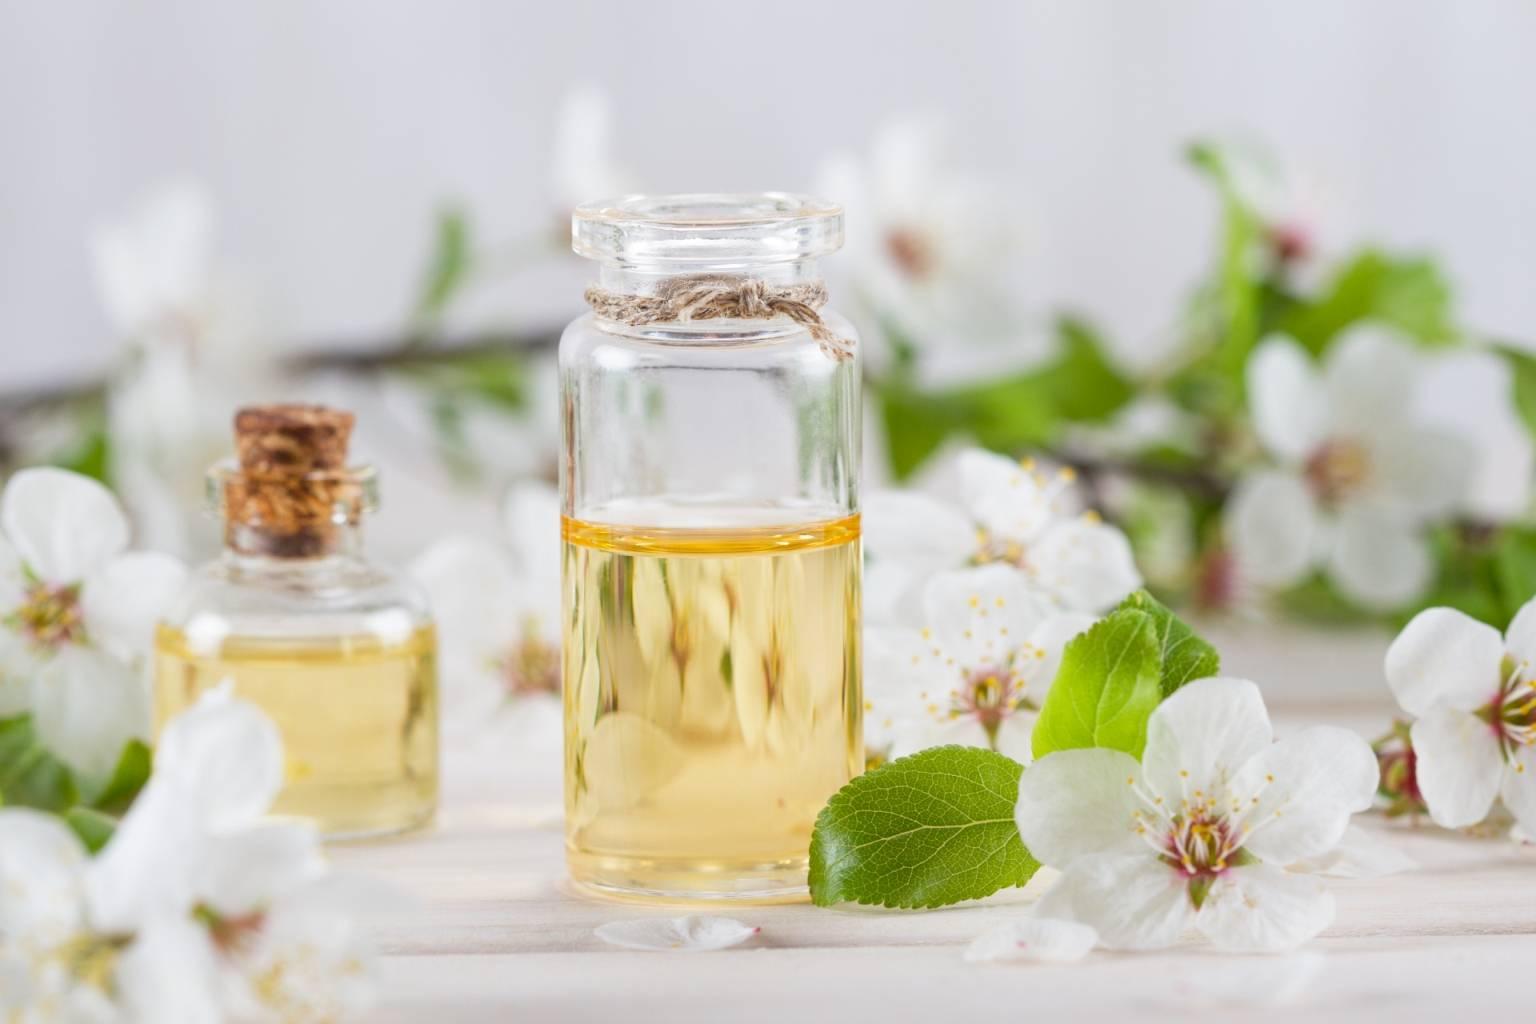 Czym są olejki eteryczne i jak działają? Na czym polega aromaterapia? Jasnożółty olejek w przezroczystej buteleczce stoi na jasnym blacie w otoczeniu białych kwiatów jabłoni.